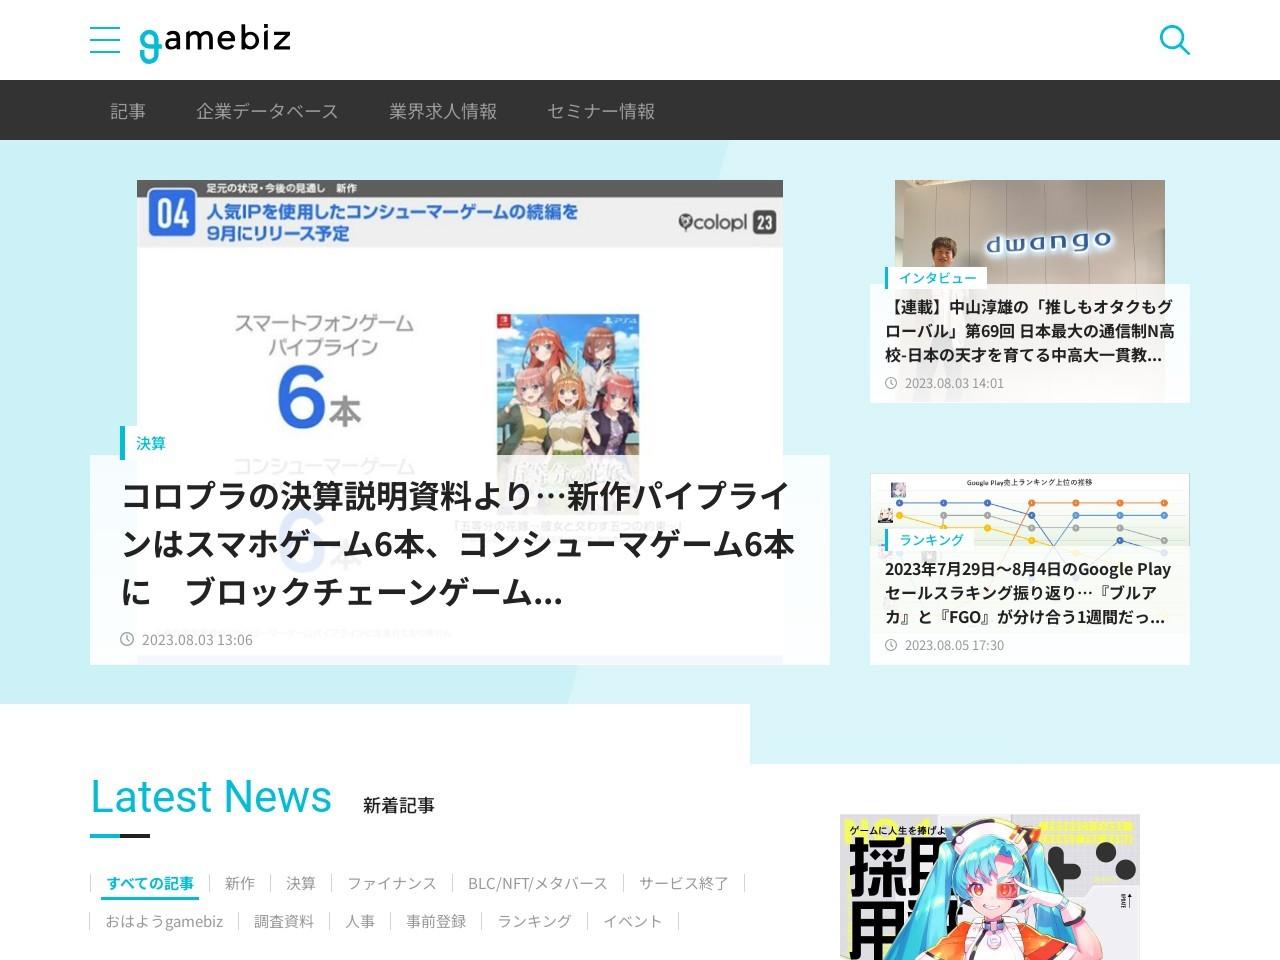 【App Storeランキング(2/22)】 4魔法少女「リズ」登場の『マギレコ』が7位浮上 「リゼロ」コラボで『黒騎士と …